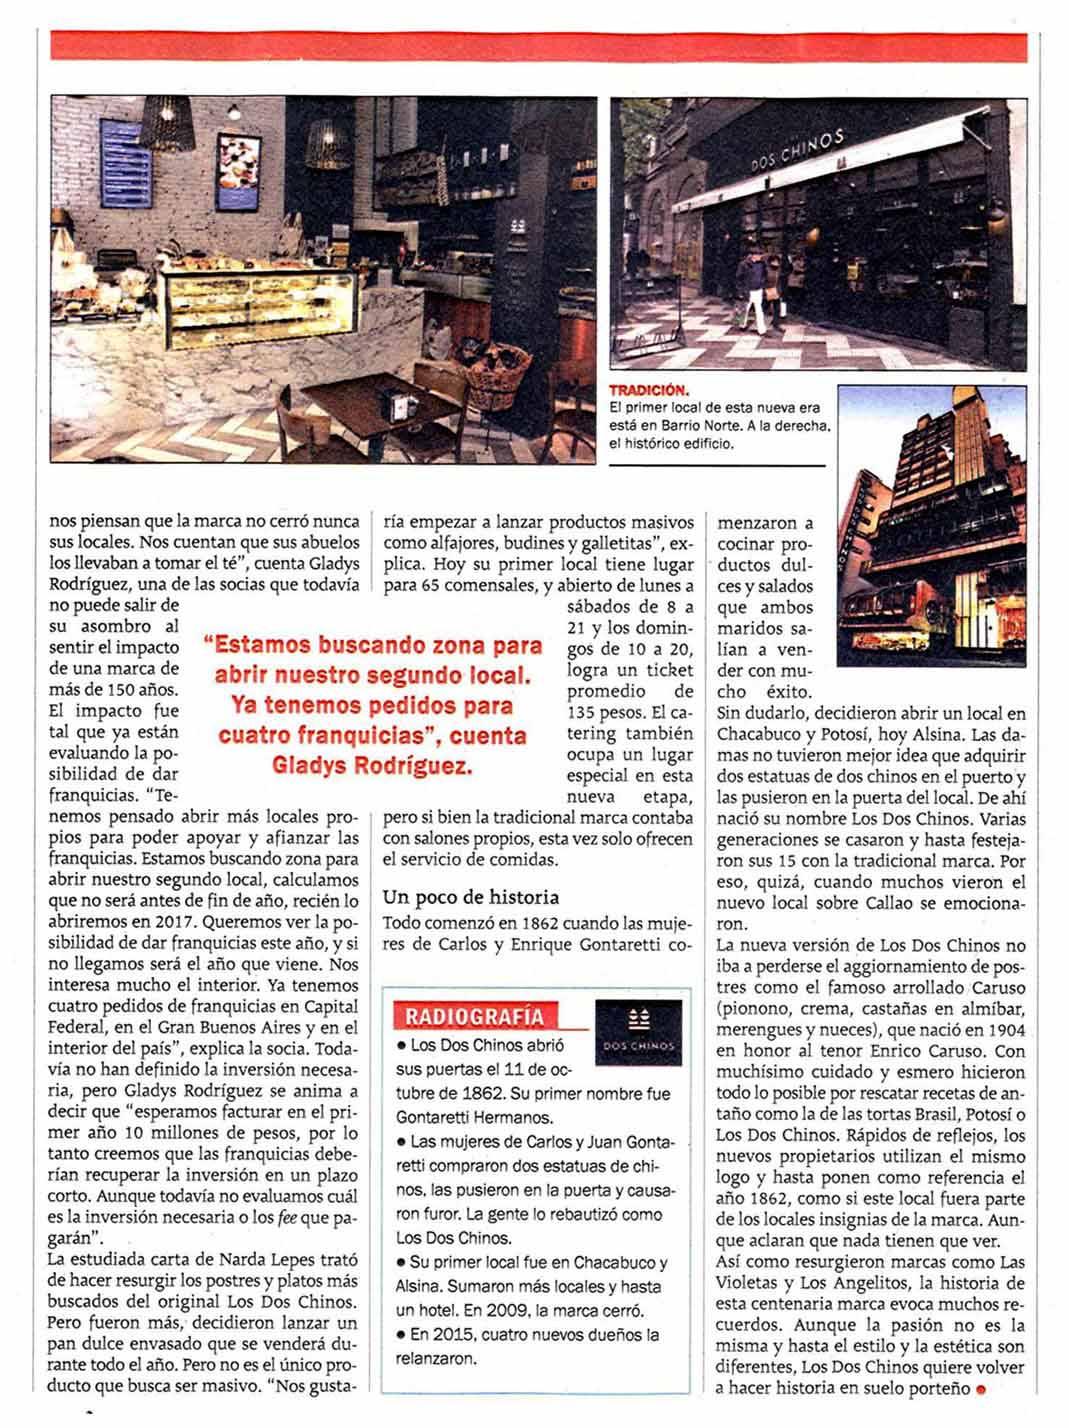 Revista Veintitres 2 Los Dos Chinos